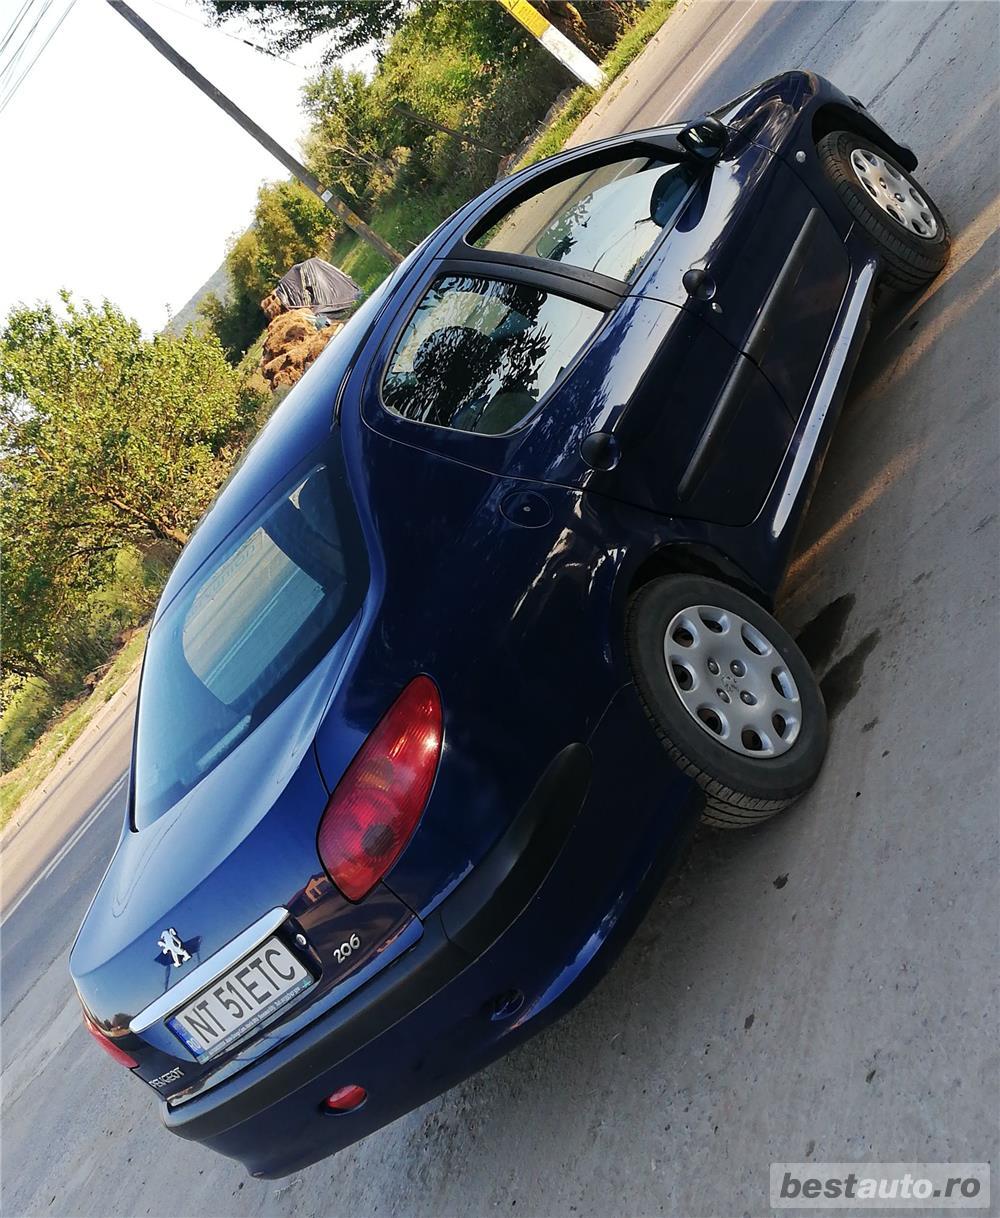 Peugeot 206, posibilitate Avans si rate